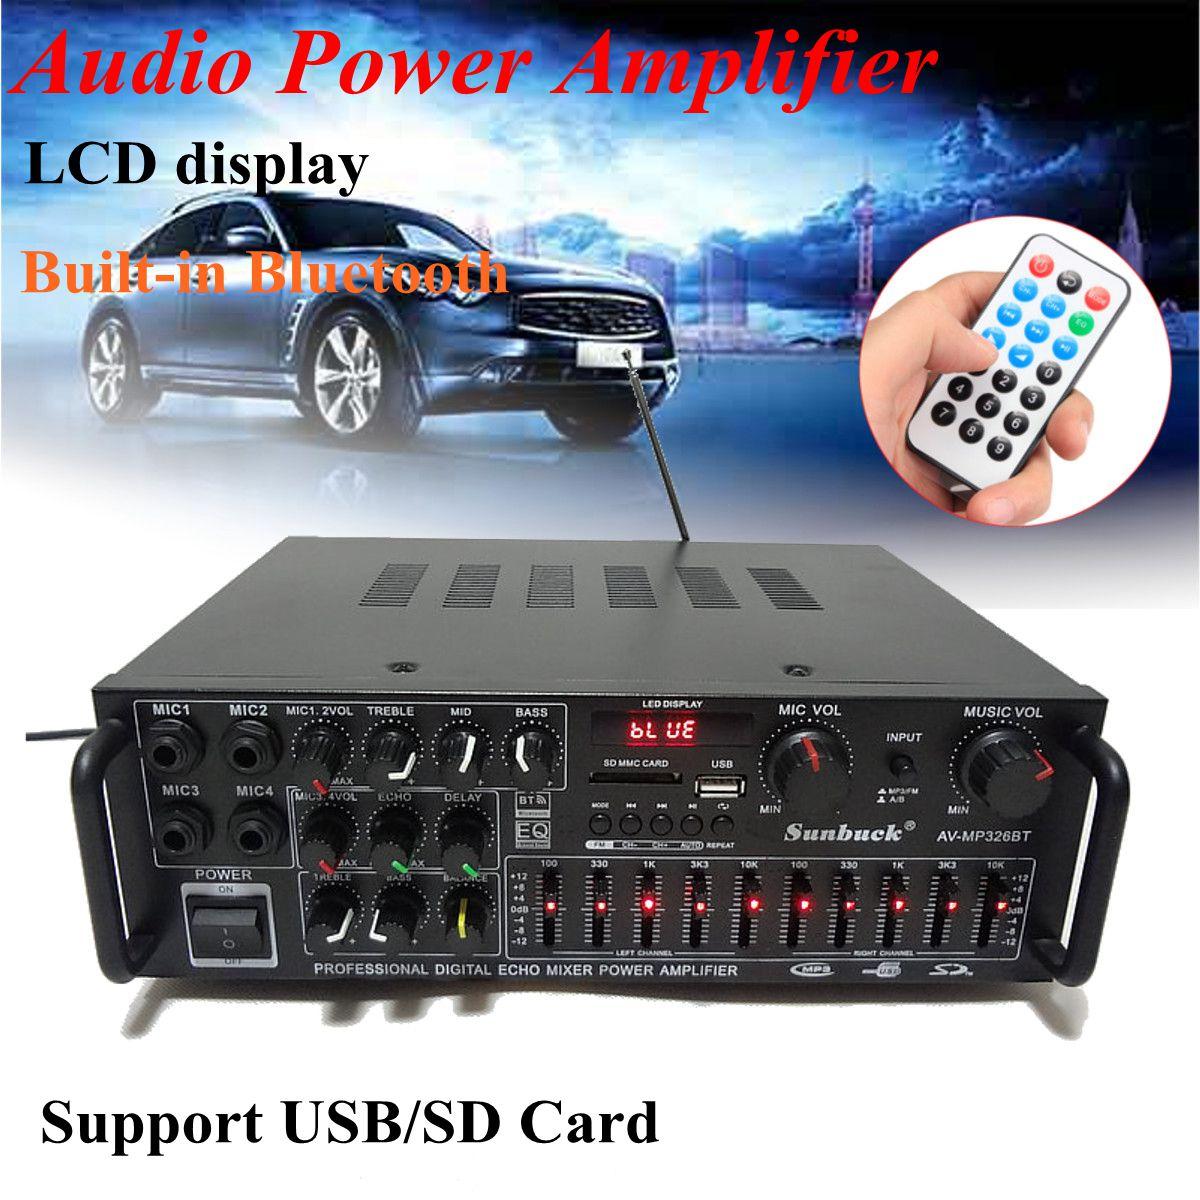 2,0 Вт Bluetooth 2000 канала аудио Мощность HiFi Усилители домашние стерео 326BT 12 В в/220 В AV Amp динамик с дистанционное управление